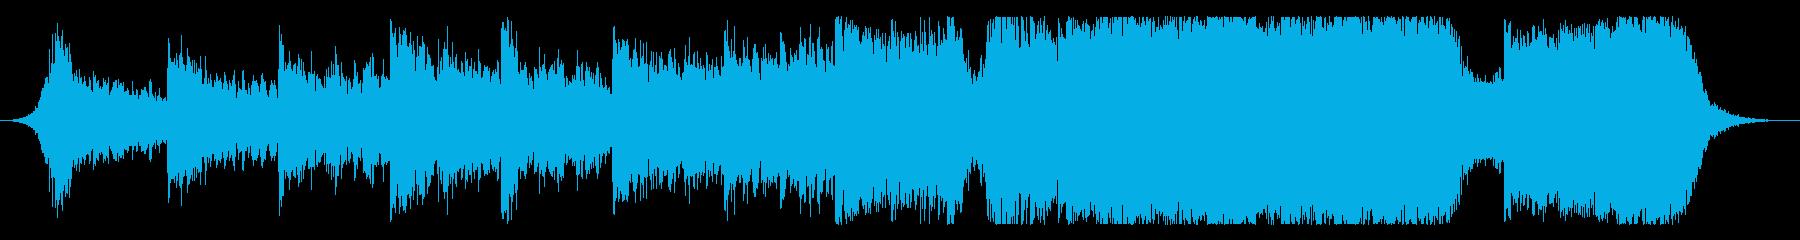 現代の交響曲 積極的 焦り 劇的な...の再生済みの波形